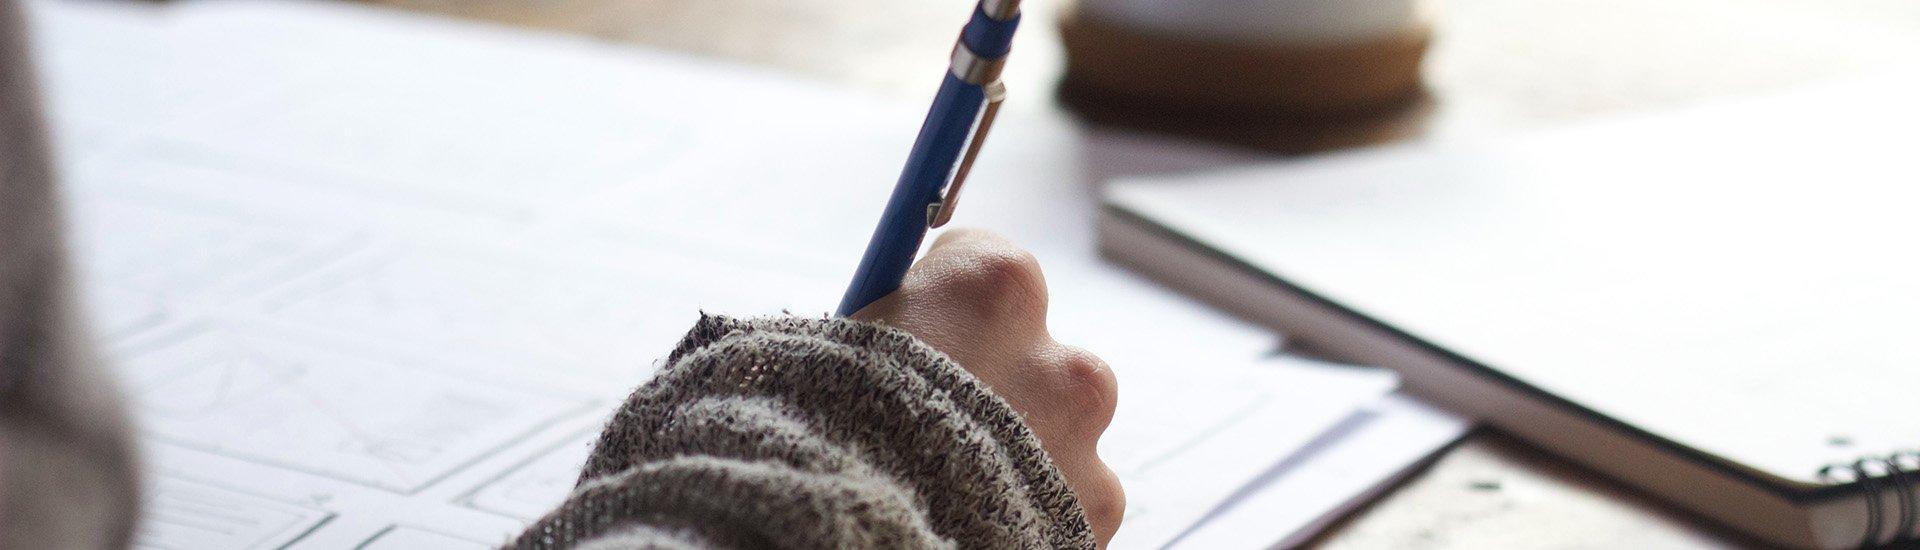 writing-planning-managing